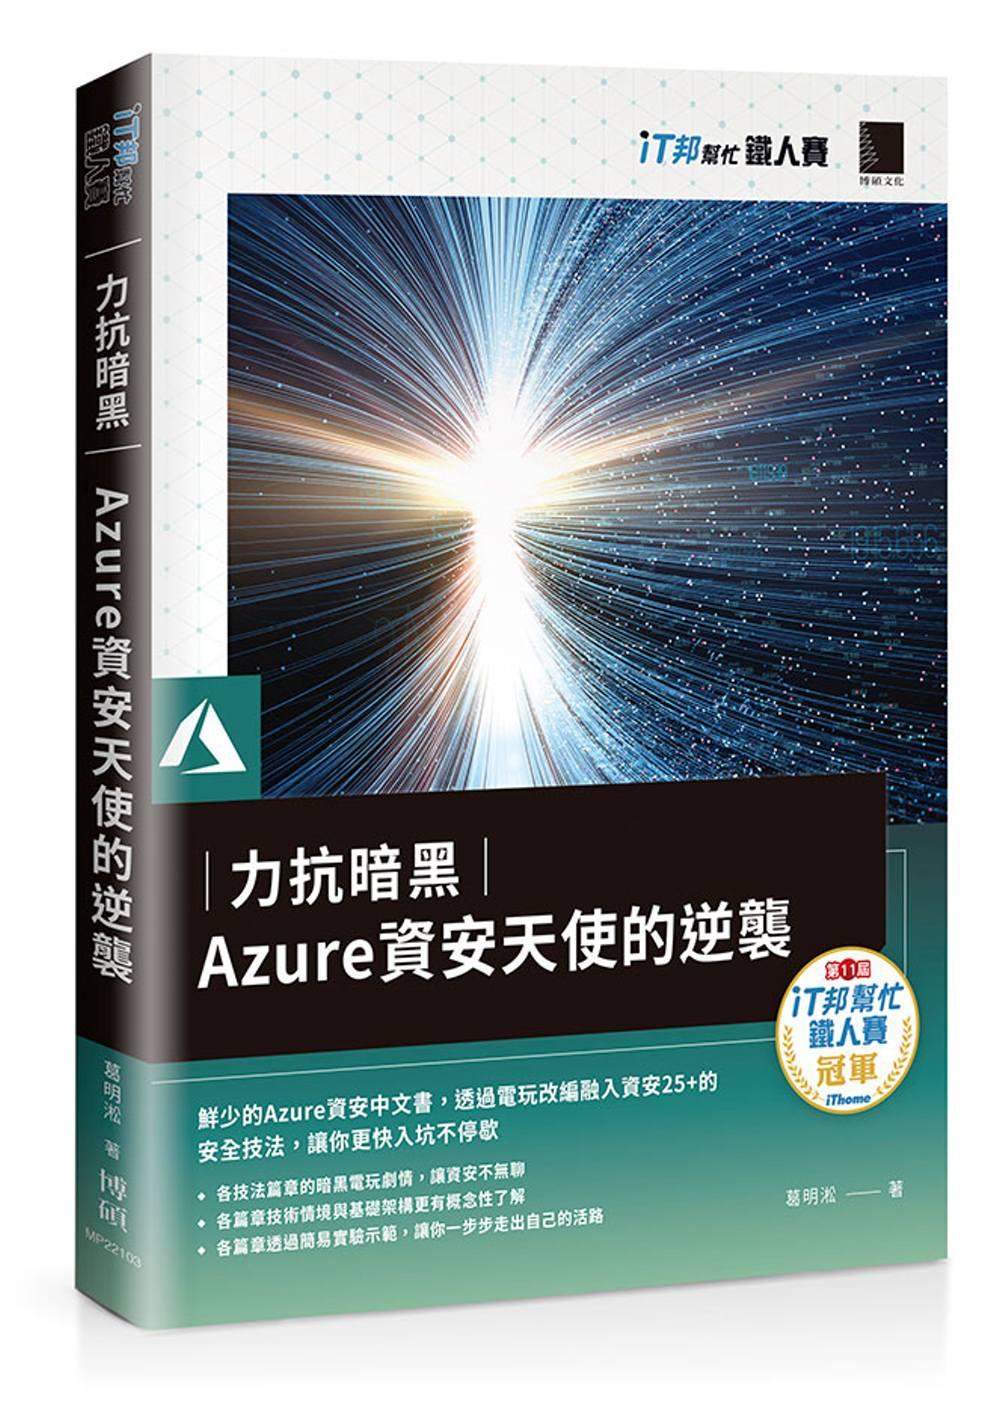 力抗暗黑:Azure資安天使的逆襲(iT邦幫忙鐵人賽系列書)